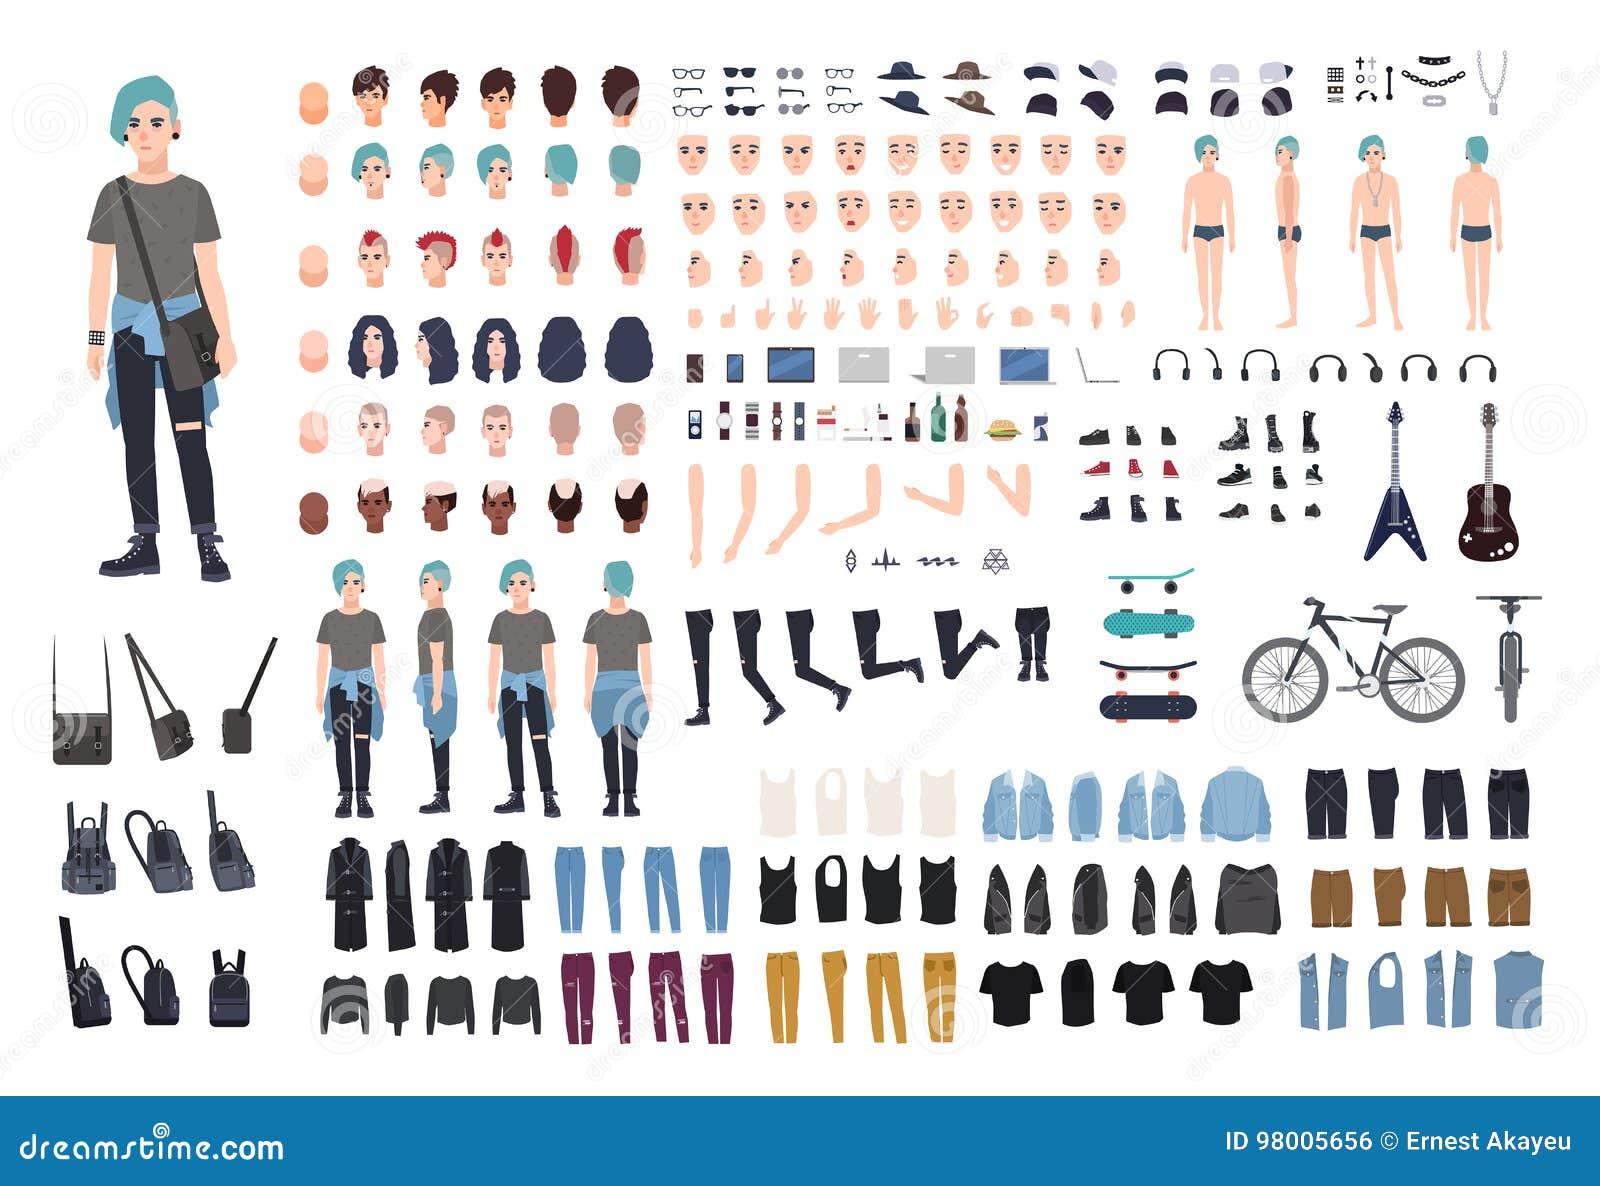 Неофициальный конструктор характера подростка Панковский комплект творения Различные позиции, стиль причёсок, сторона, ноги, руки